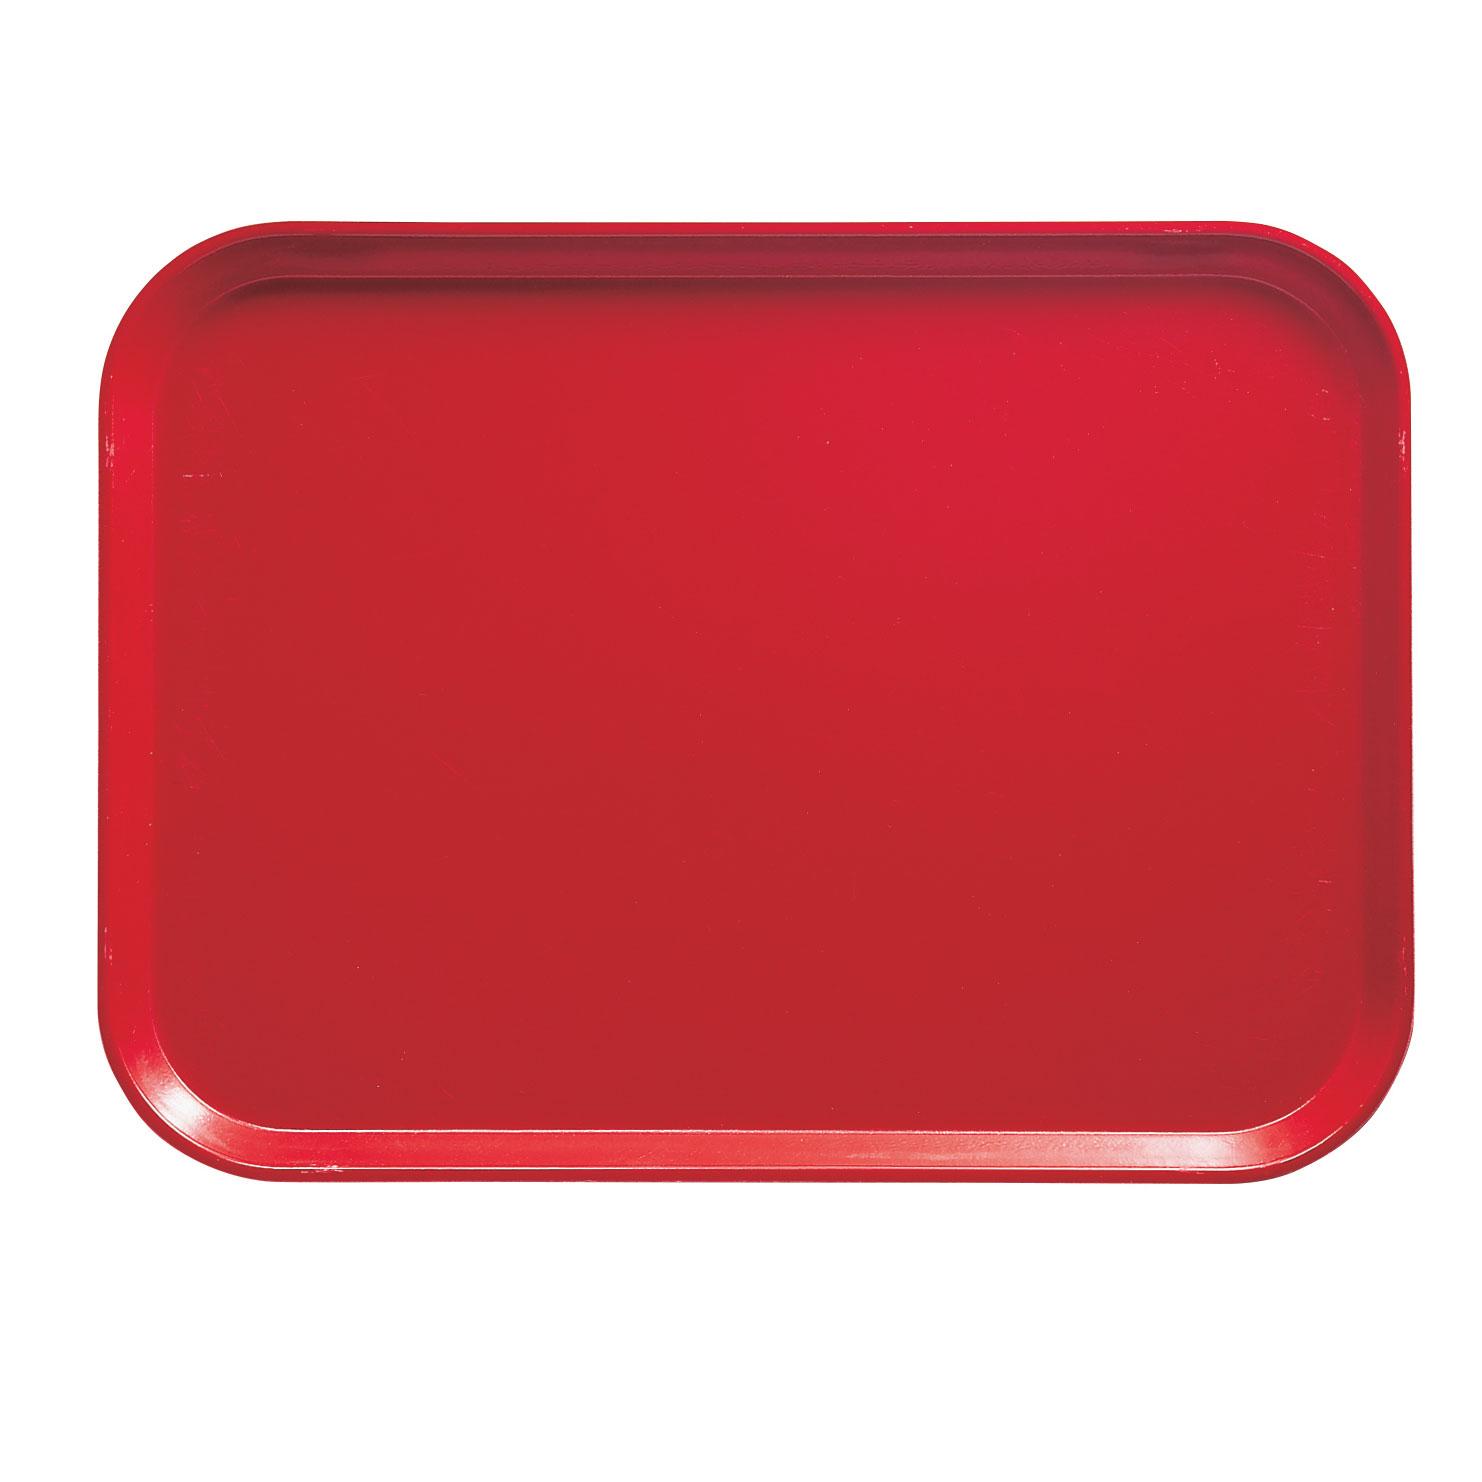 Cambro 1622510 cafeteria tray